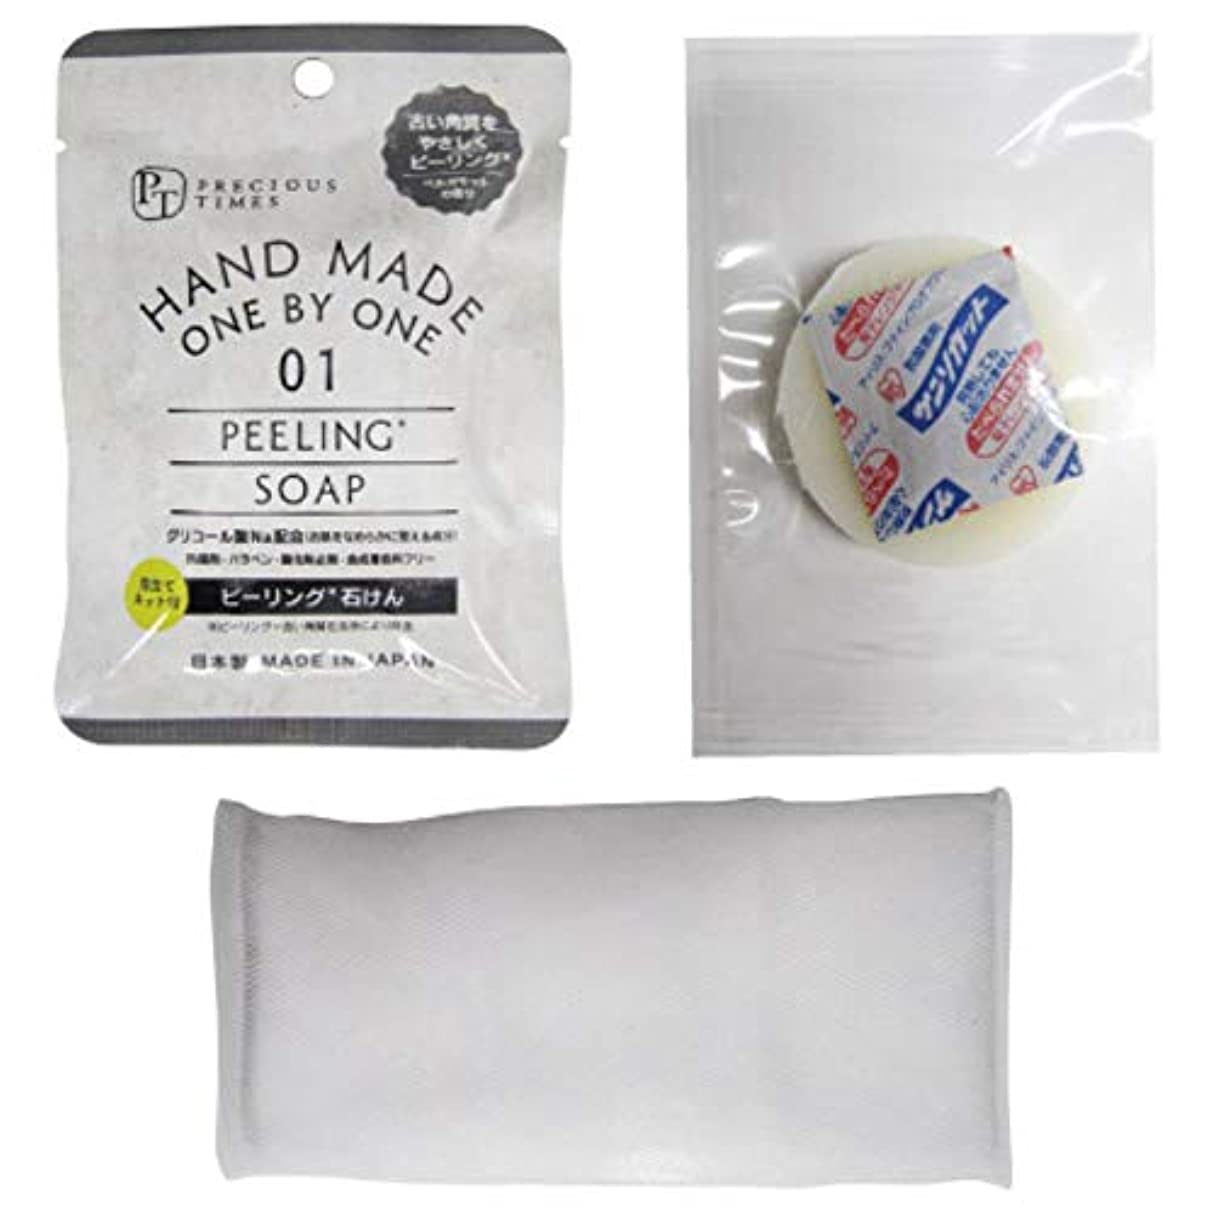 合成胃渦ピーリング石鹸 12g ベルガモット 香り 泡立てネット付 PEELING SOAP 日本製 HAND MADE 角質除去 防腐剤等無添加 わくねり化粧石けん